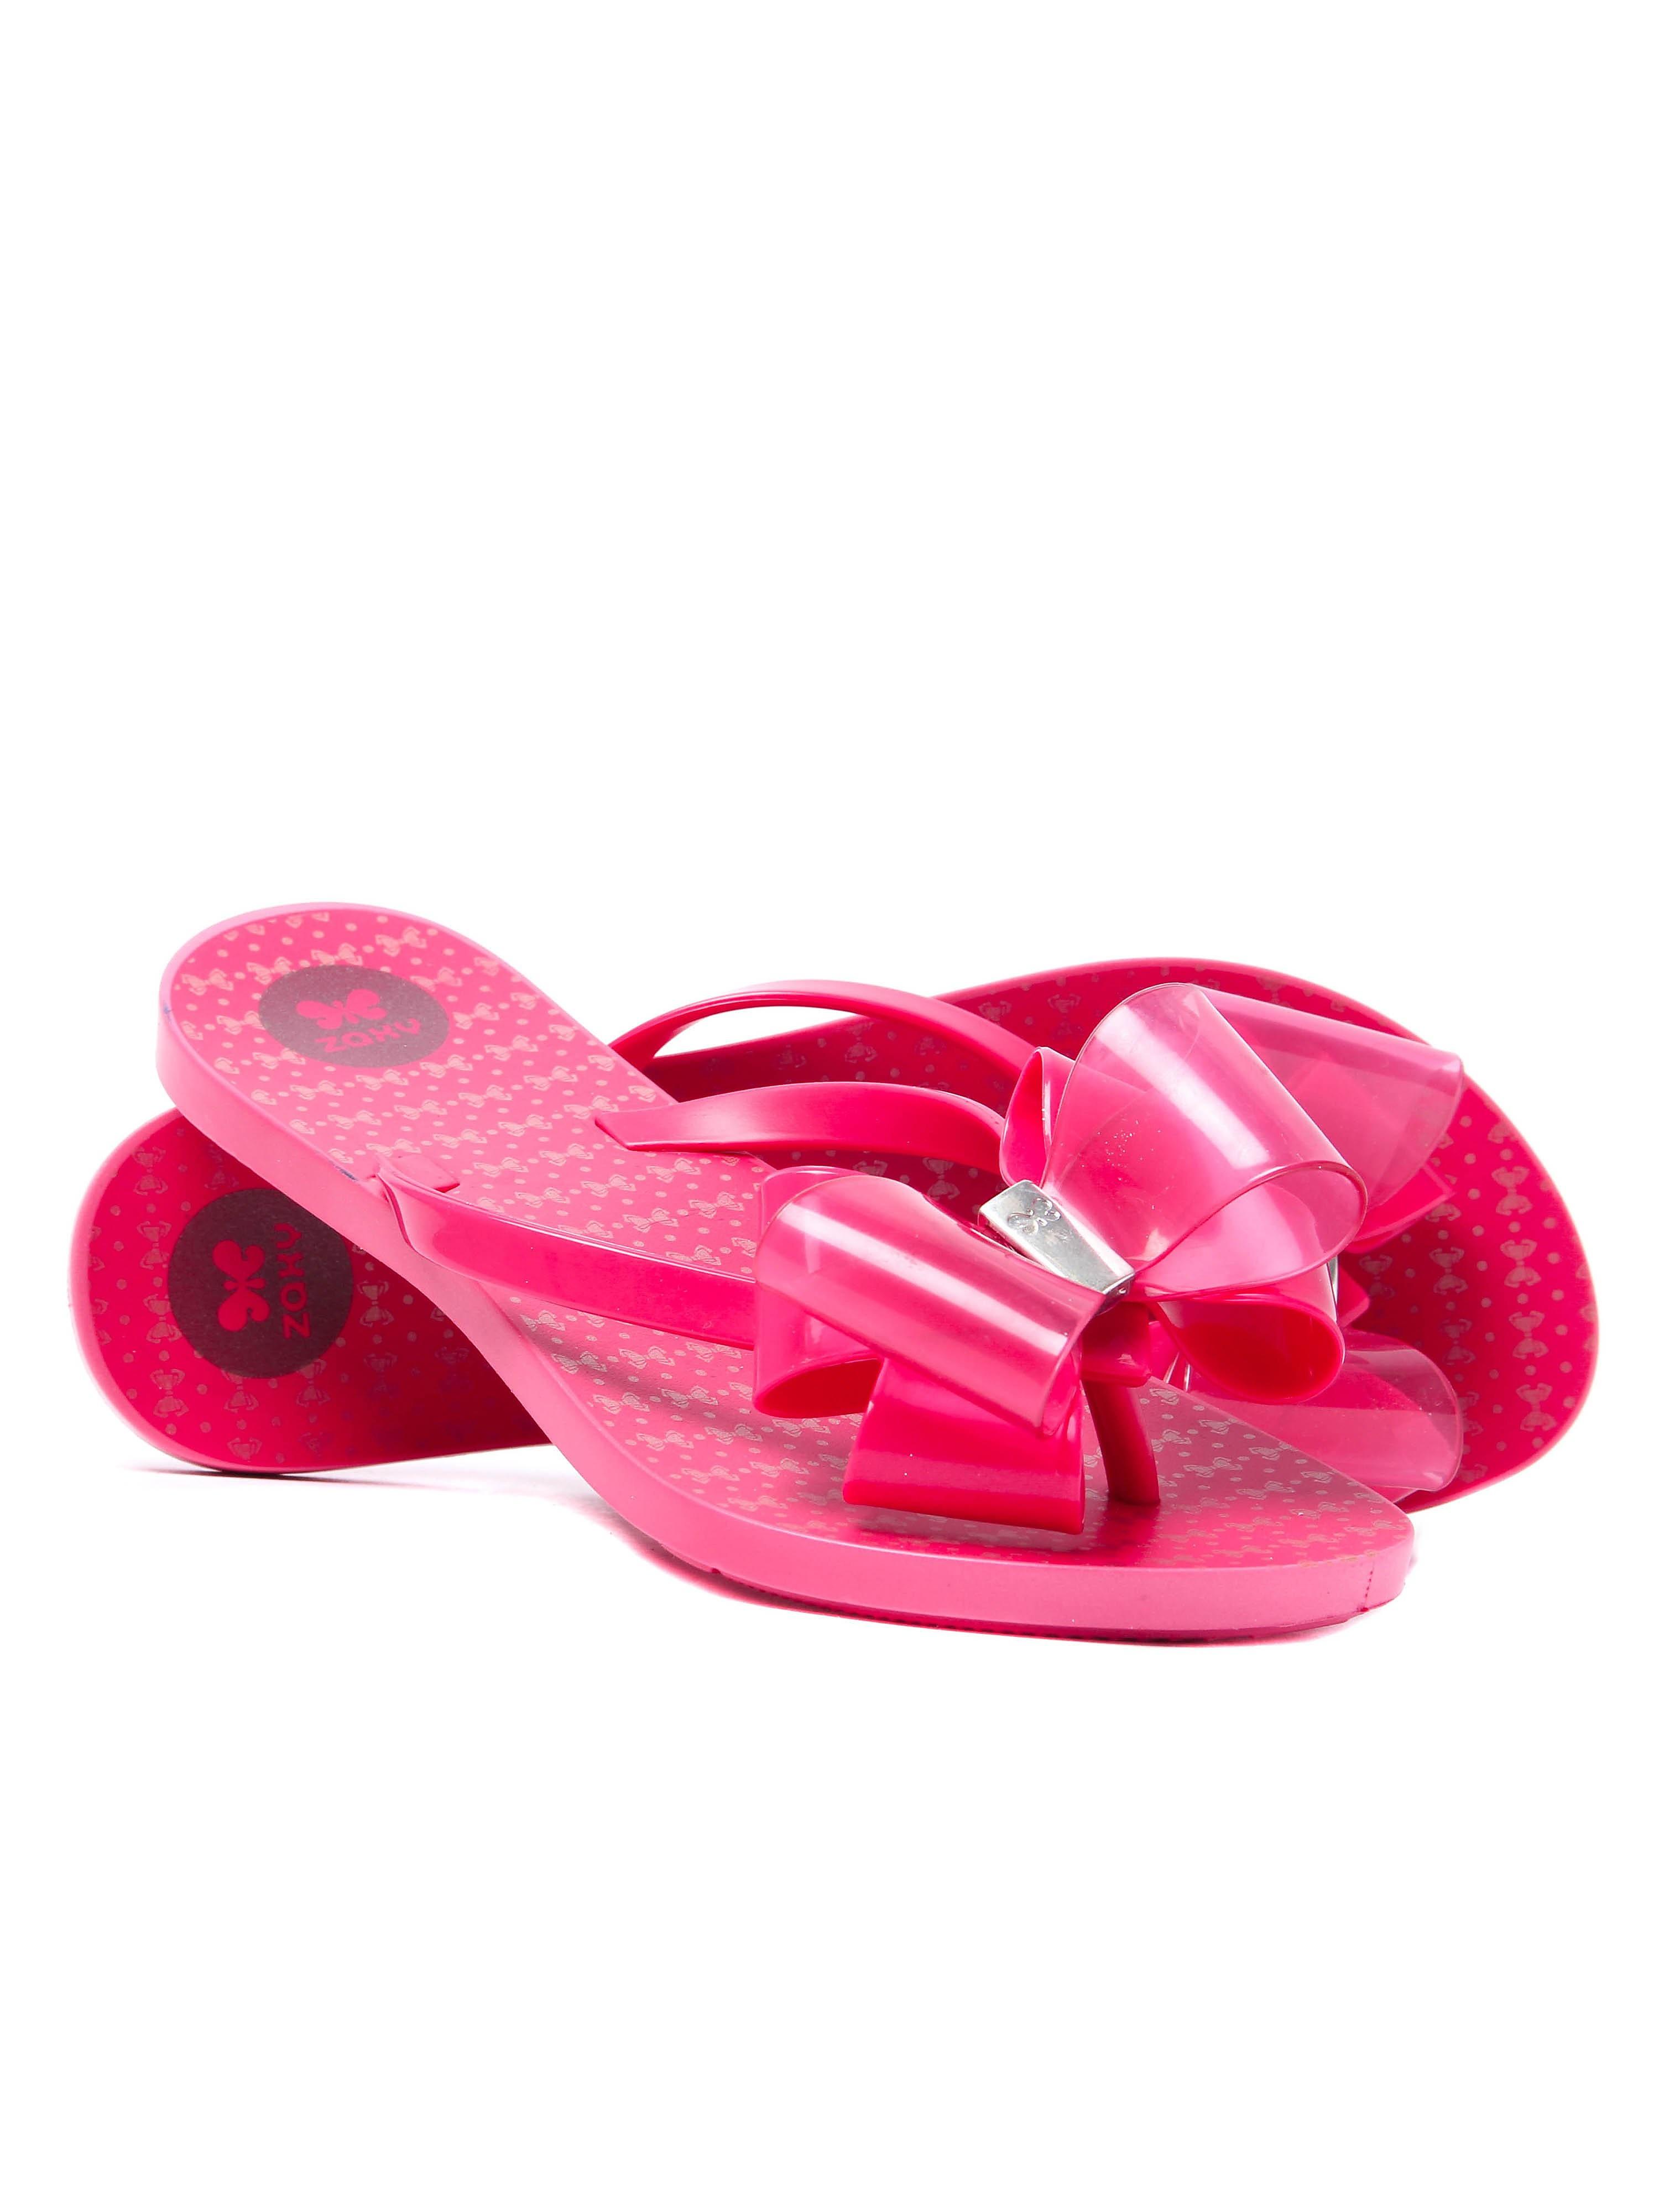 Zaxy Women's Link Twin Bow Flip Flop - Pink